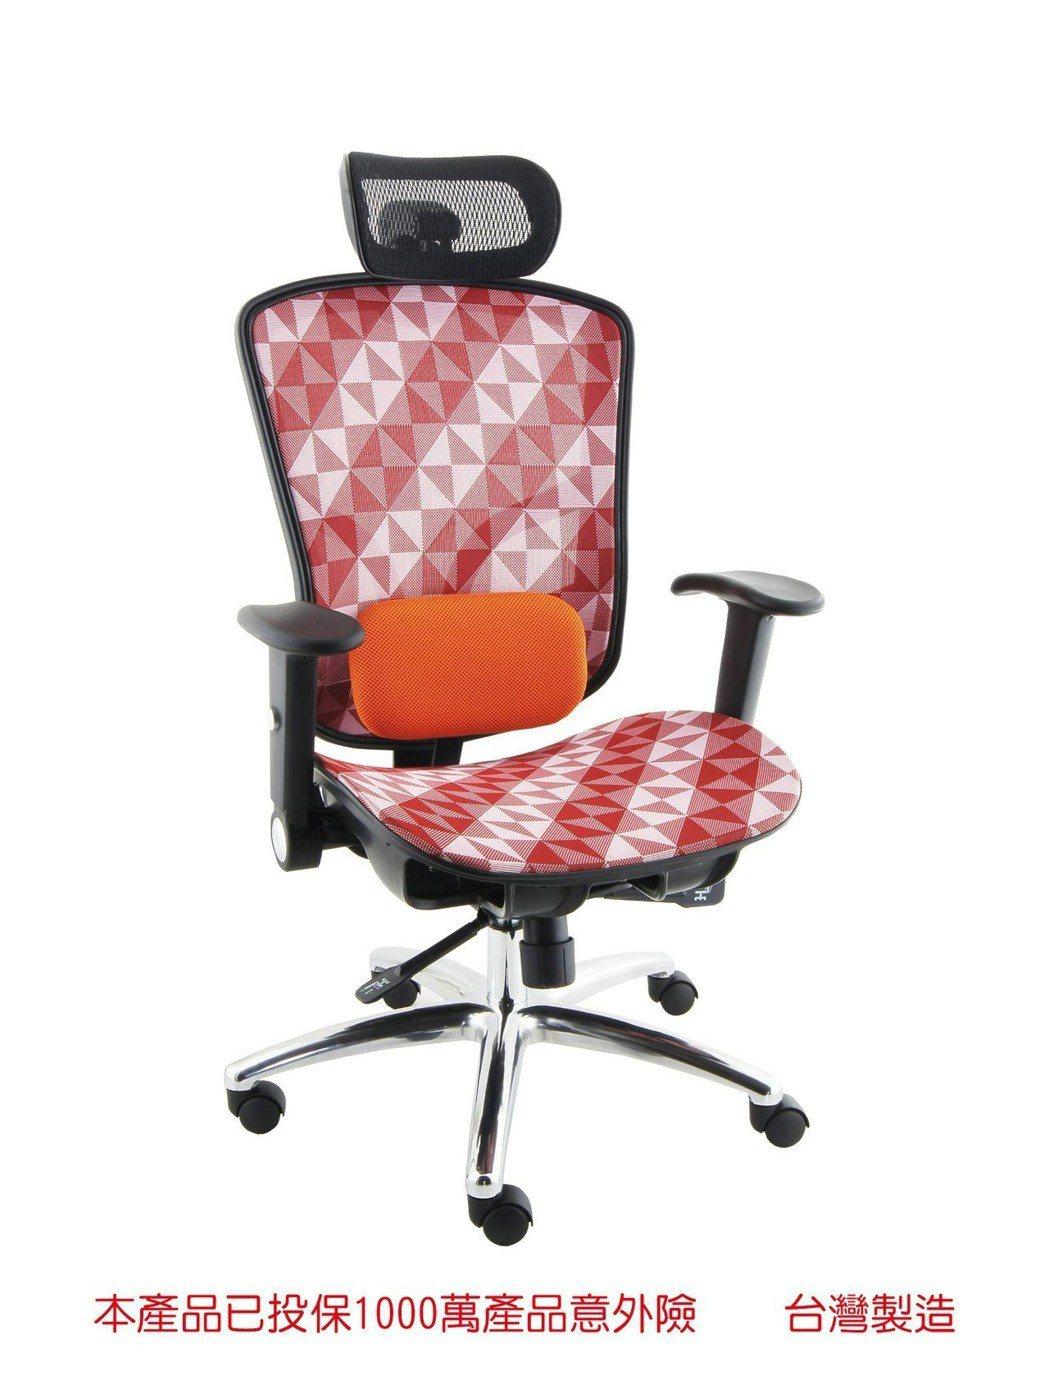 勝家聖全新開發CSE-1668EAD多功能辦公椅。 勝家聖/提供